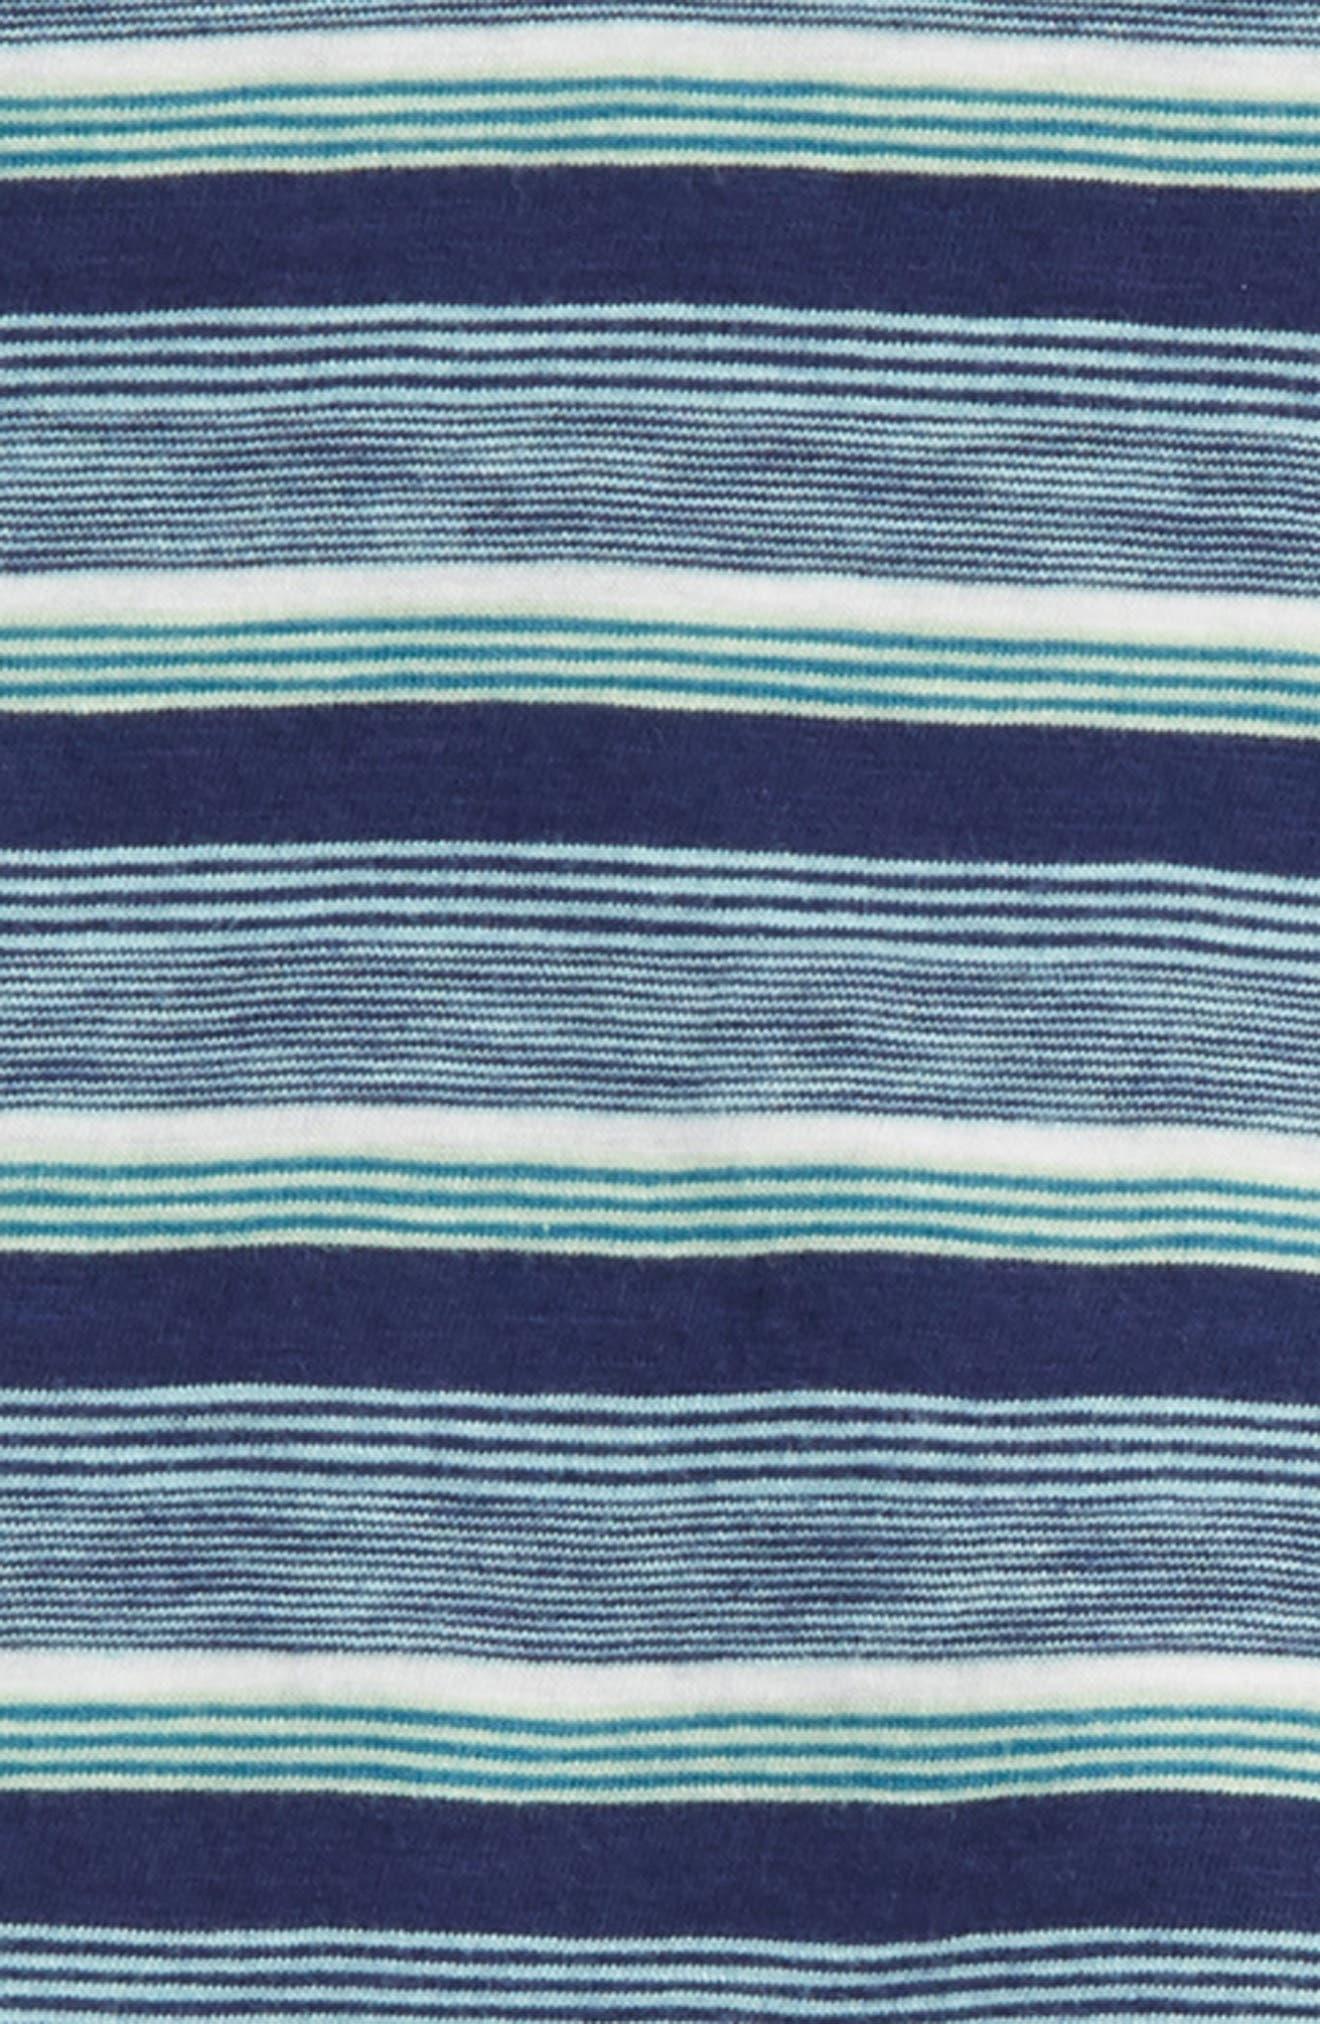 V-Neck T-Shirt & Shorts Set,                             Alternate thumbnail 2, color,                             420